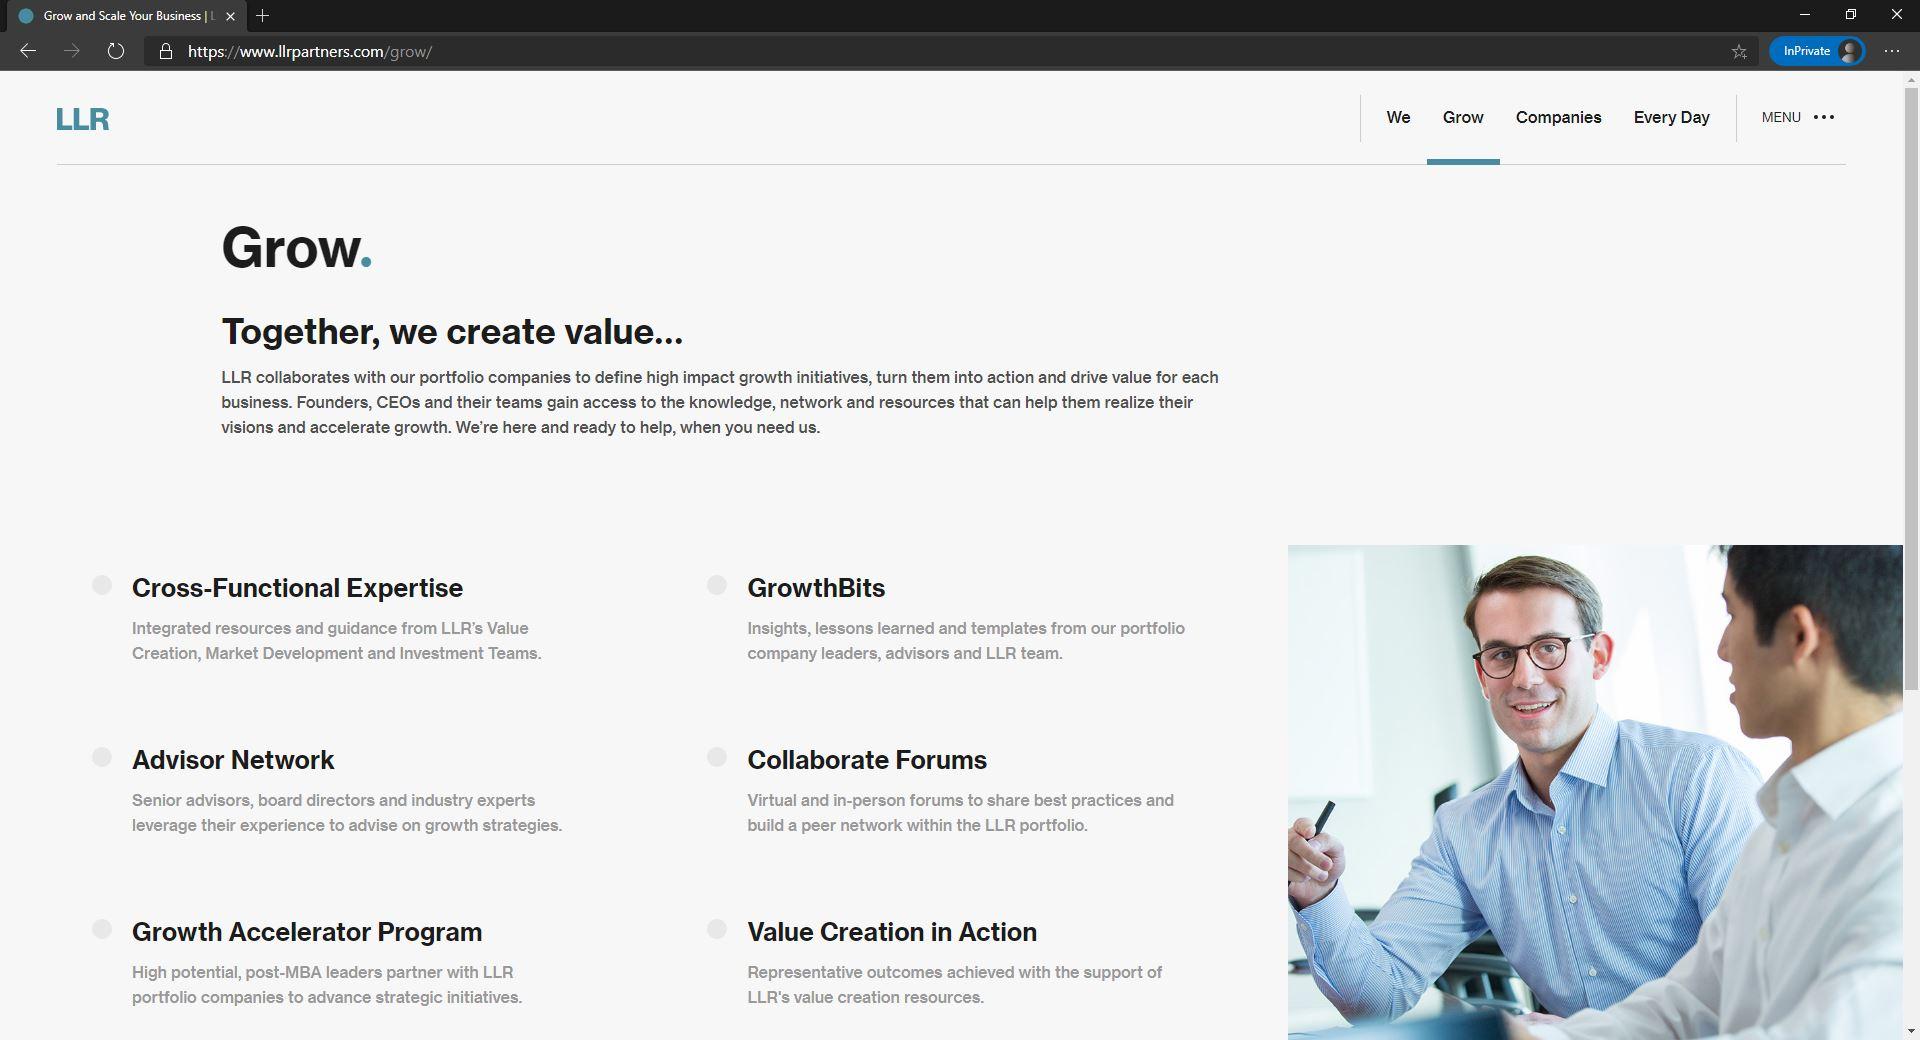 LLR Partners website homepage